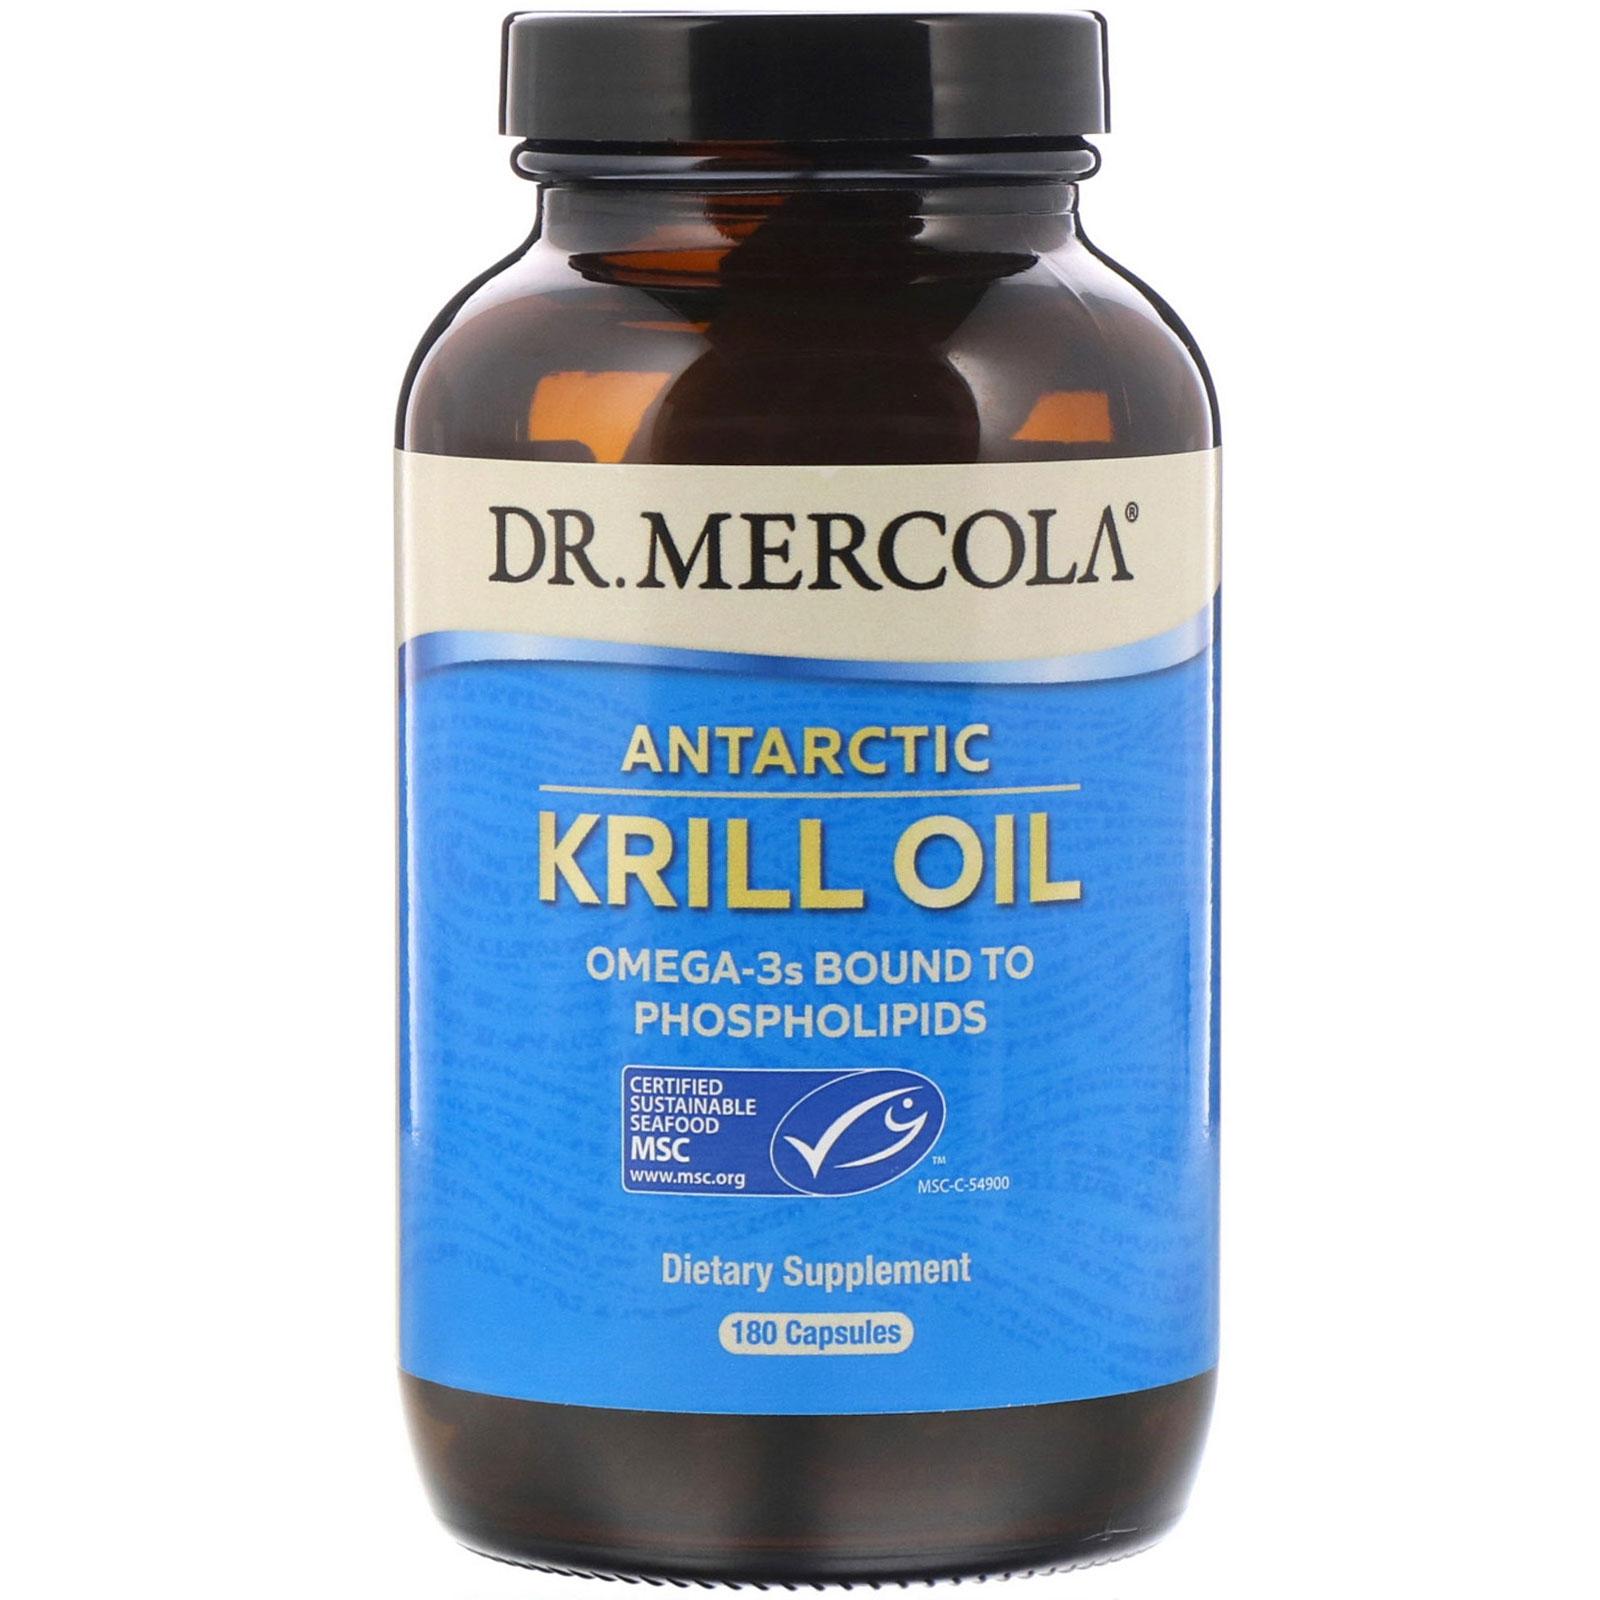 Image of Dr. Mercola, Premium Supplements, Antarctic Krill Oil, 180 Capsules 0813006010276